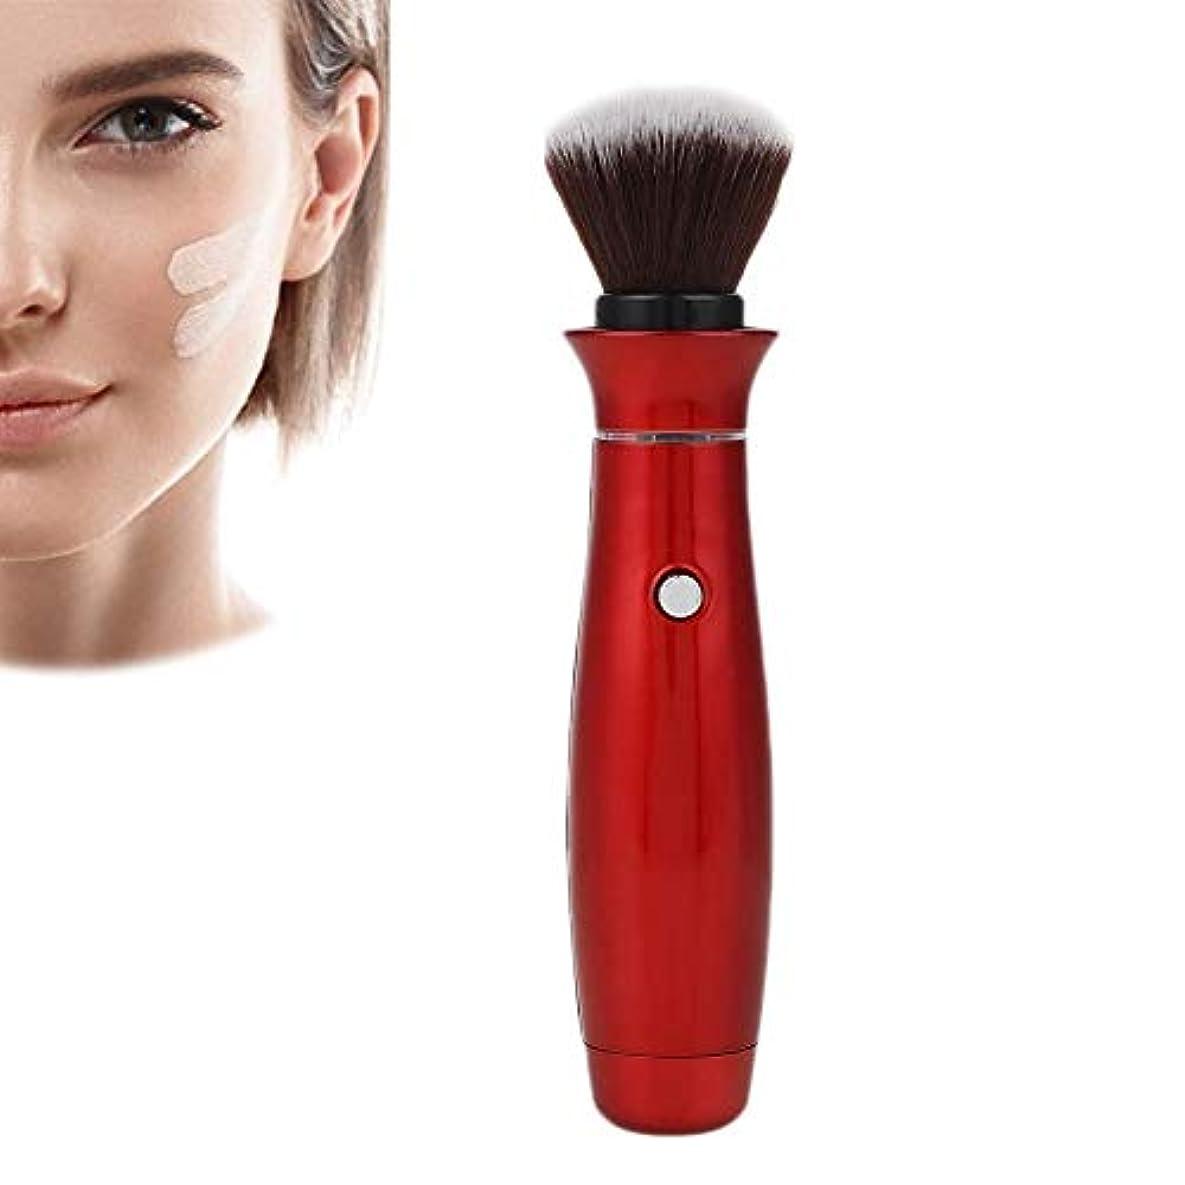 新しい化粧ブラシフェイシャルマッサージブラシ電気クリーニングブラシウォッシュブラシ美容メイクアップツール